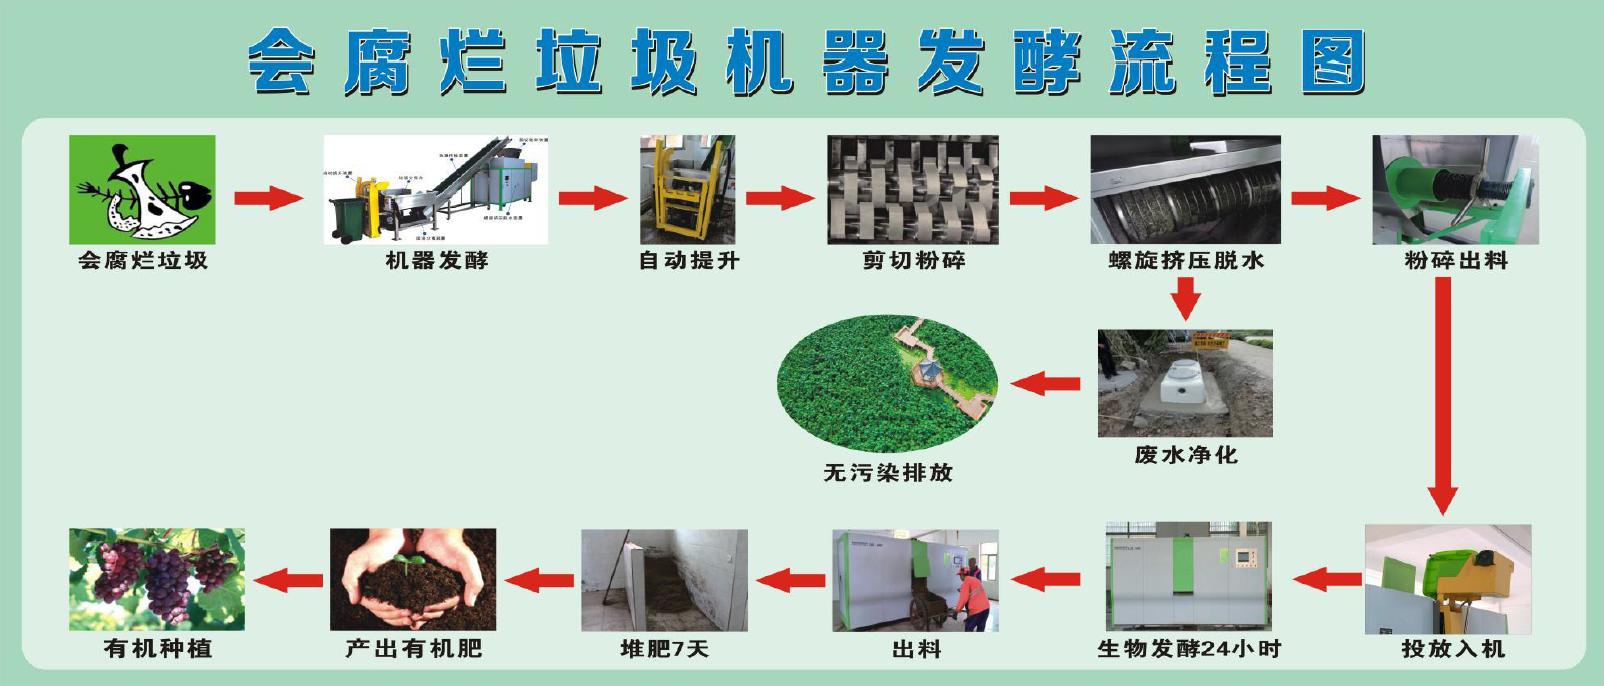 垃圾发酵处理流程